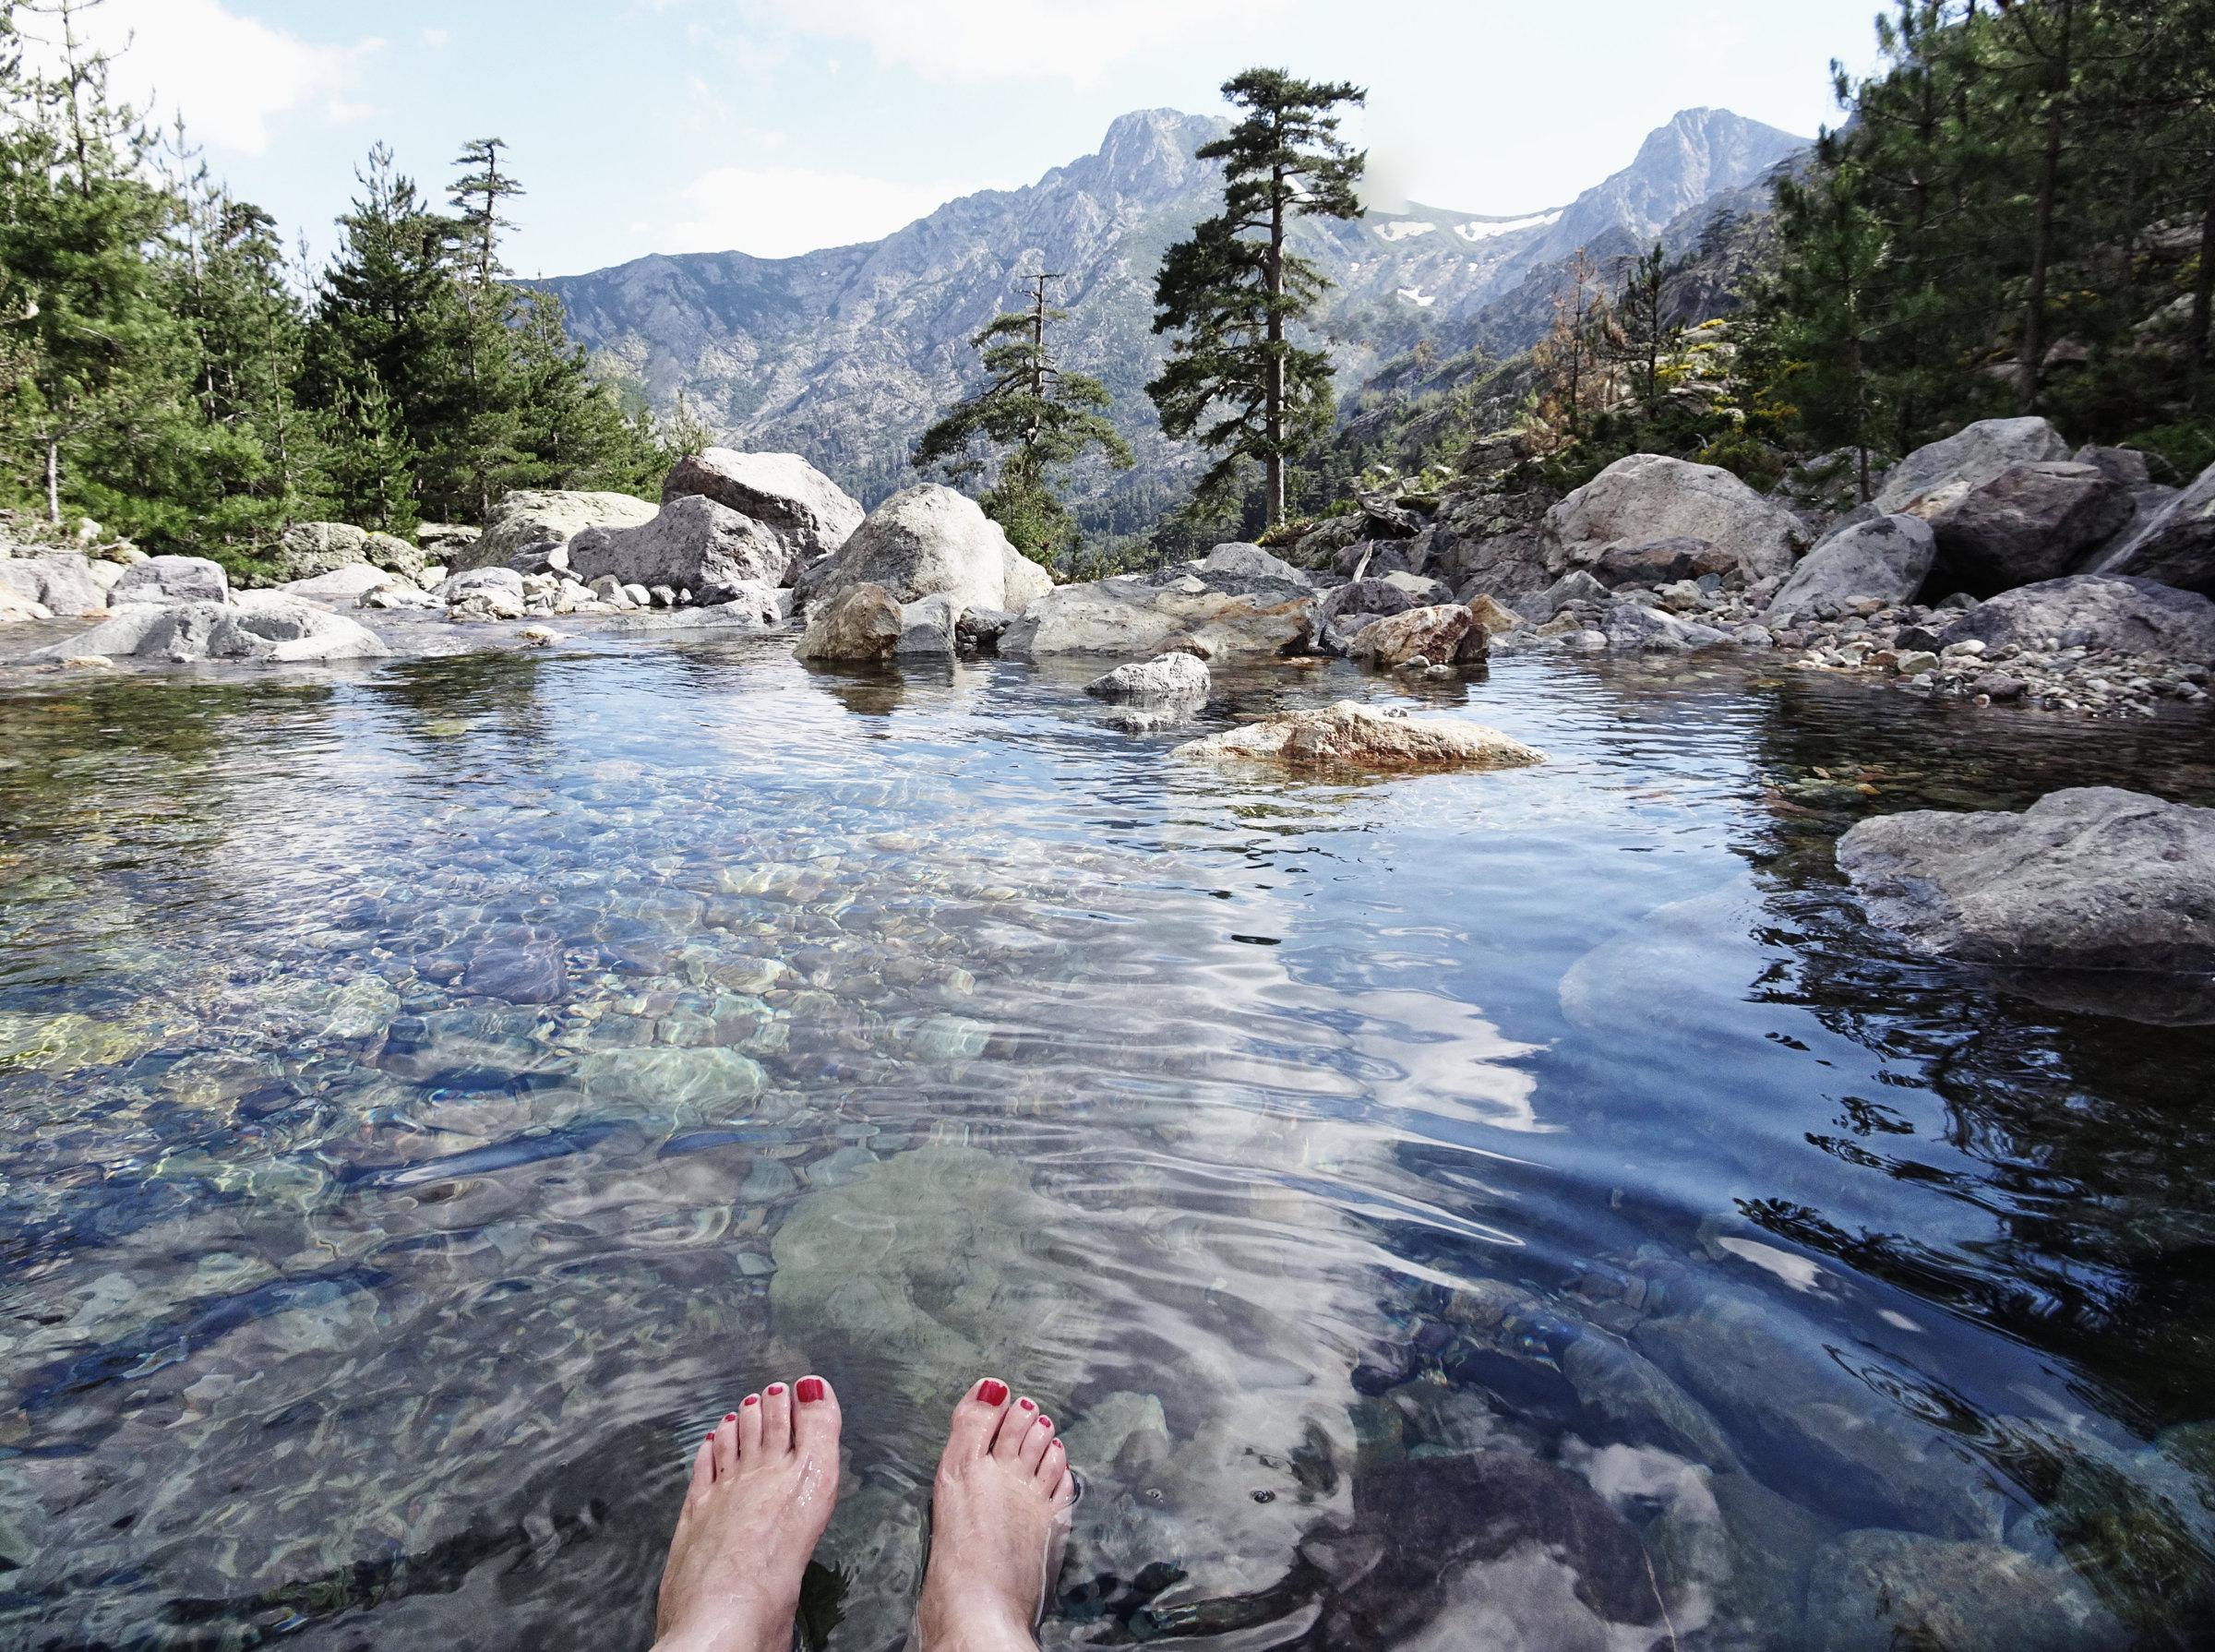 Badegumpen mit Blick bei der Bergerie Ballone, Korsika, GR20 Weitwanderweg, Wandern, Berge, Frankreich